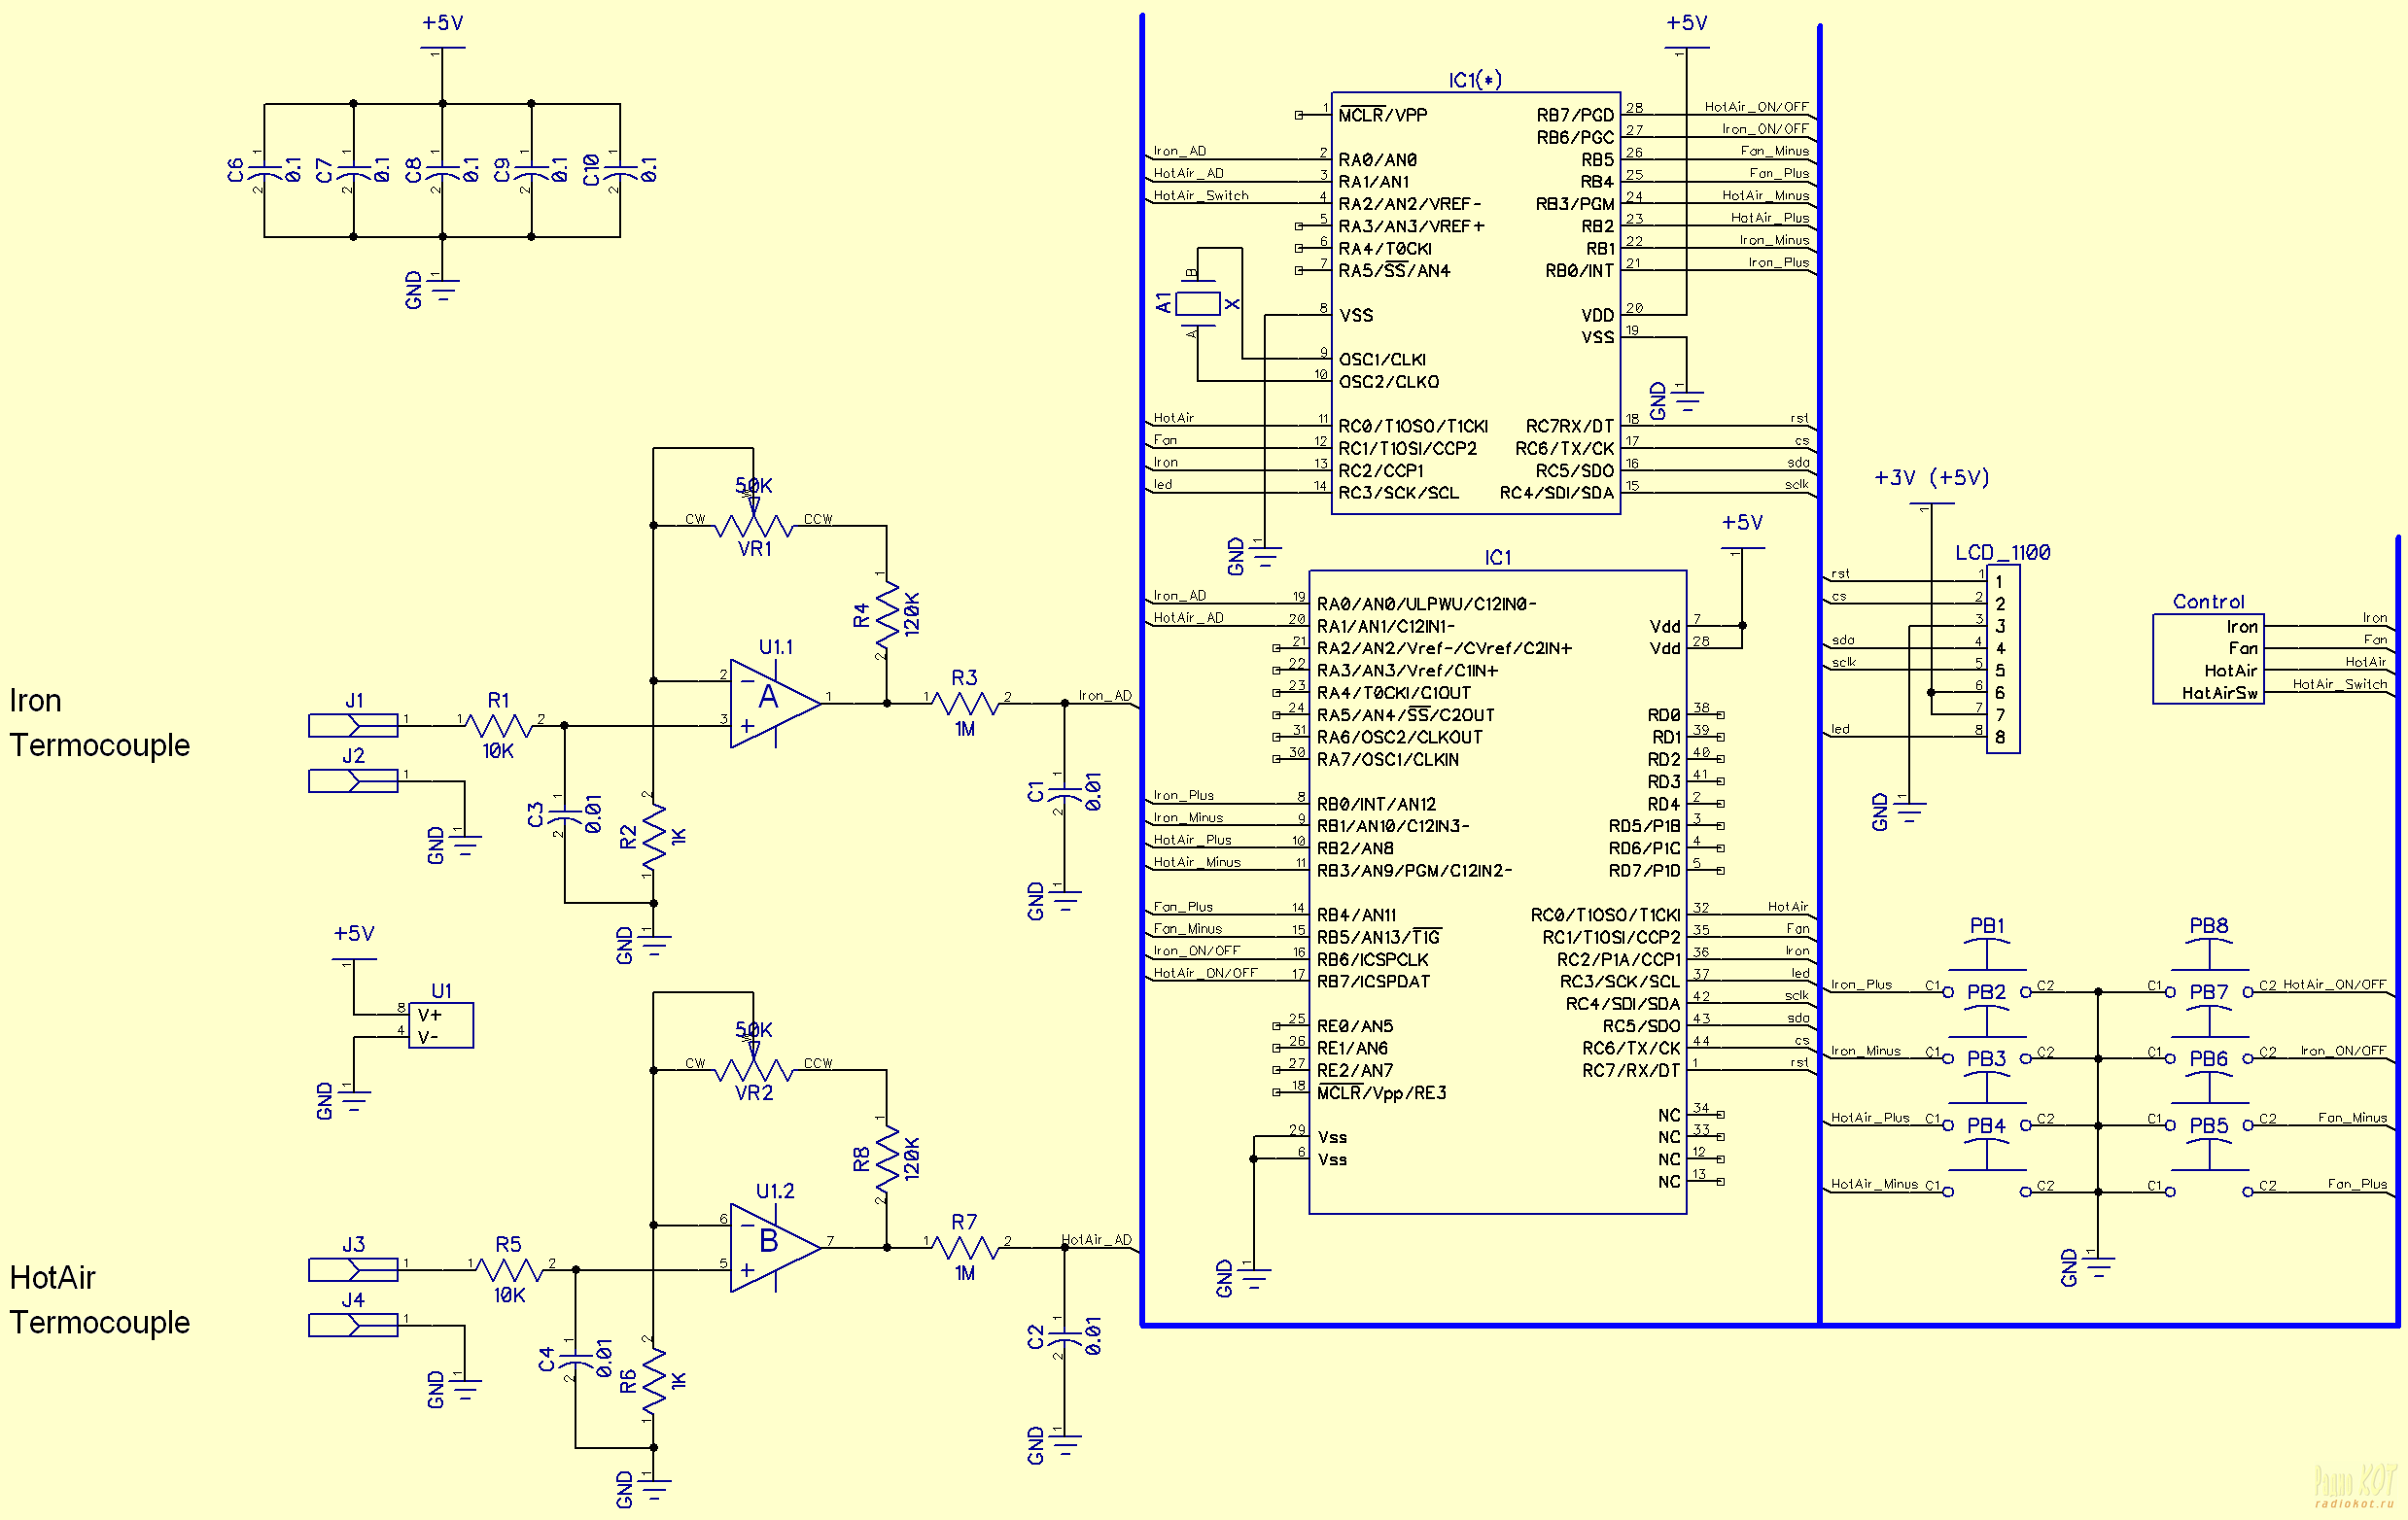 Lukey 852d fan схема